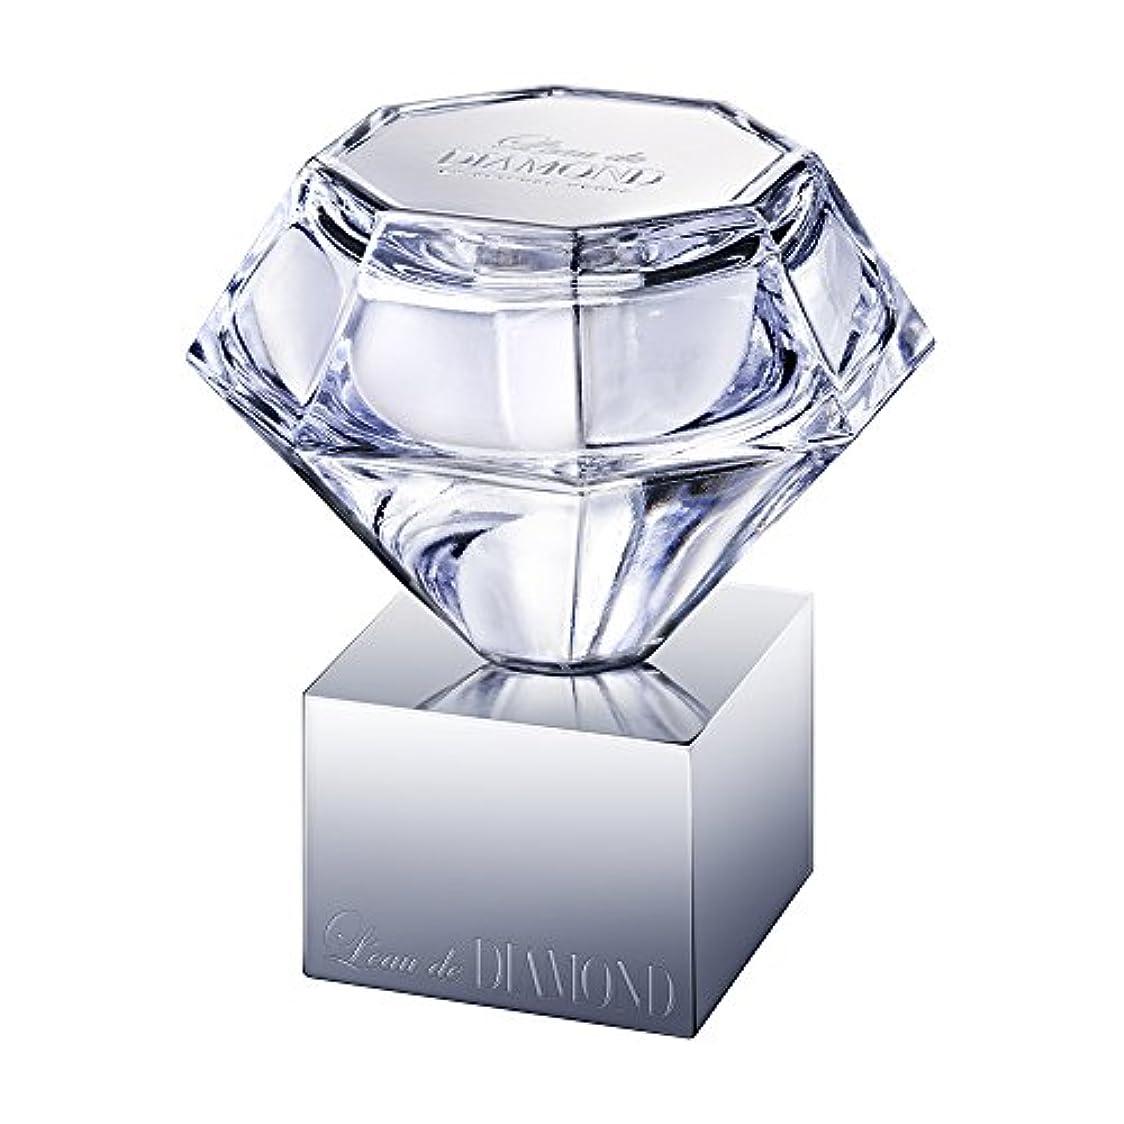 便利さ大混乱地域のロードダイアモンド バイ ケイスケ ホンダ オードパルファム(プールオム) 50ml